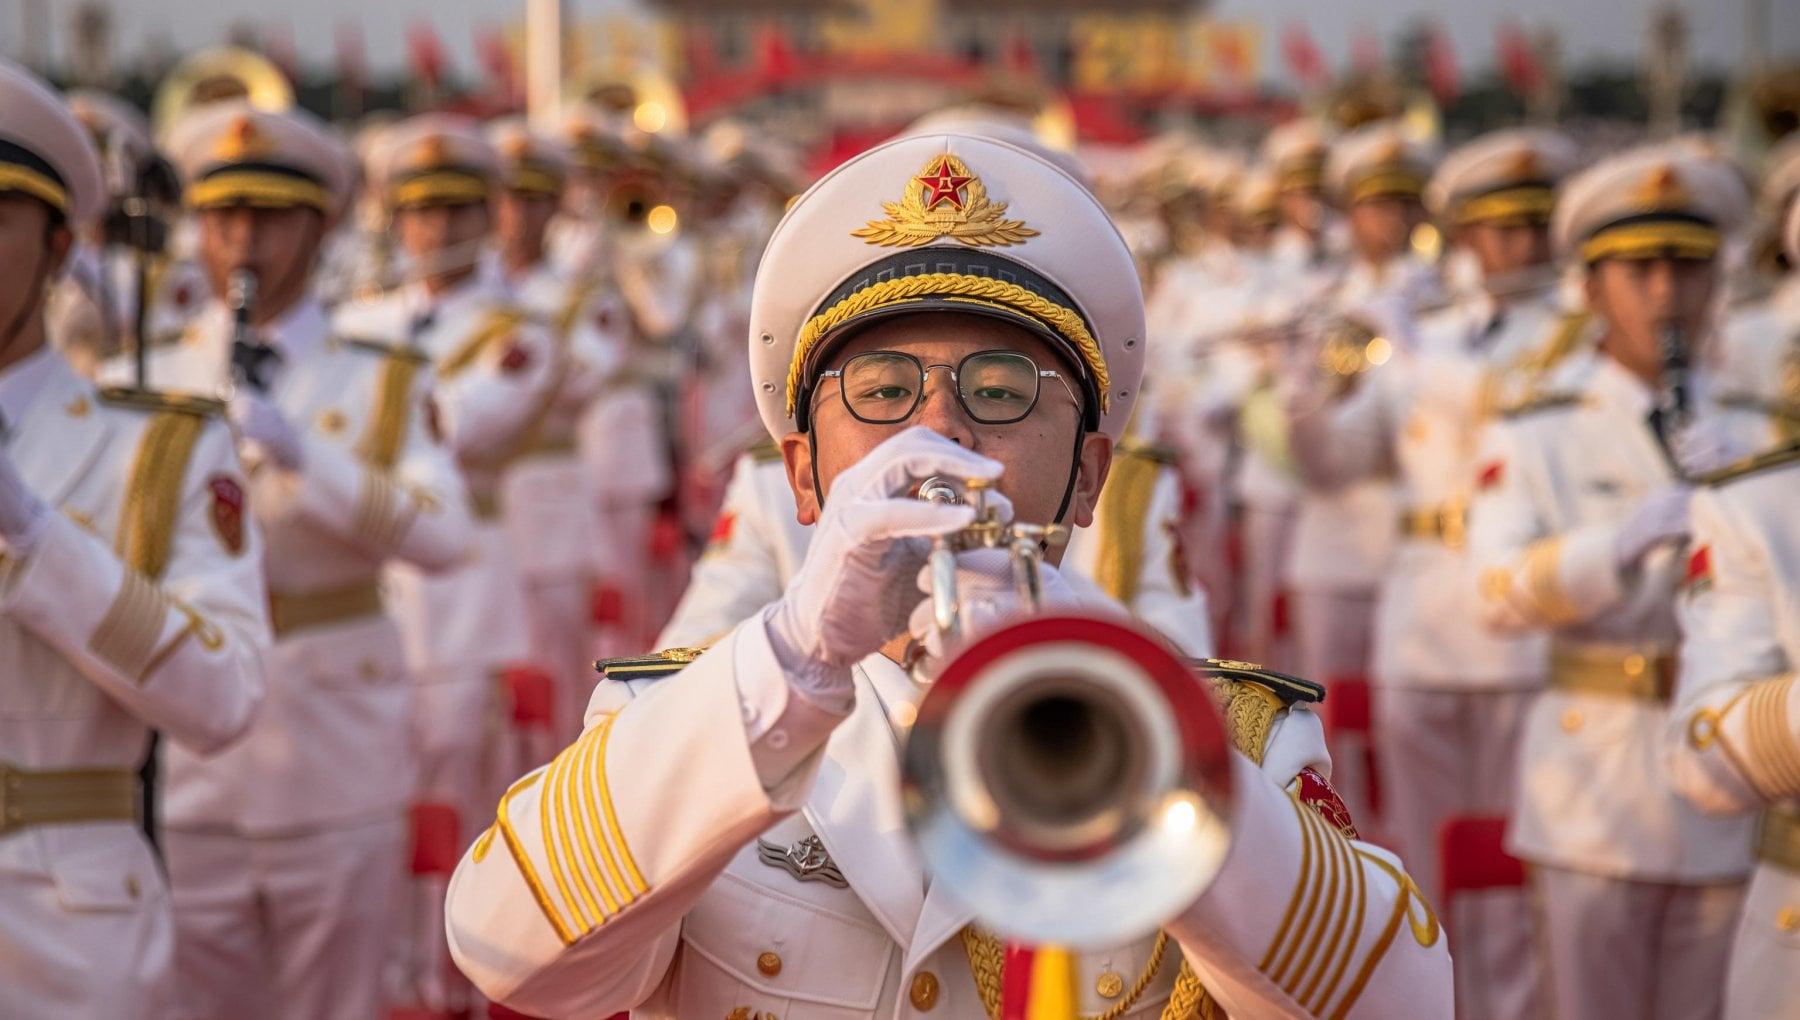 164319502 f7eb4f44 8109 4bee a06b 08254051b2cc - La Cina celebra i 100 anni del Pcc: dai giornali al cinema al rap, tante luci e nessuna ombra